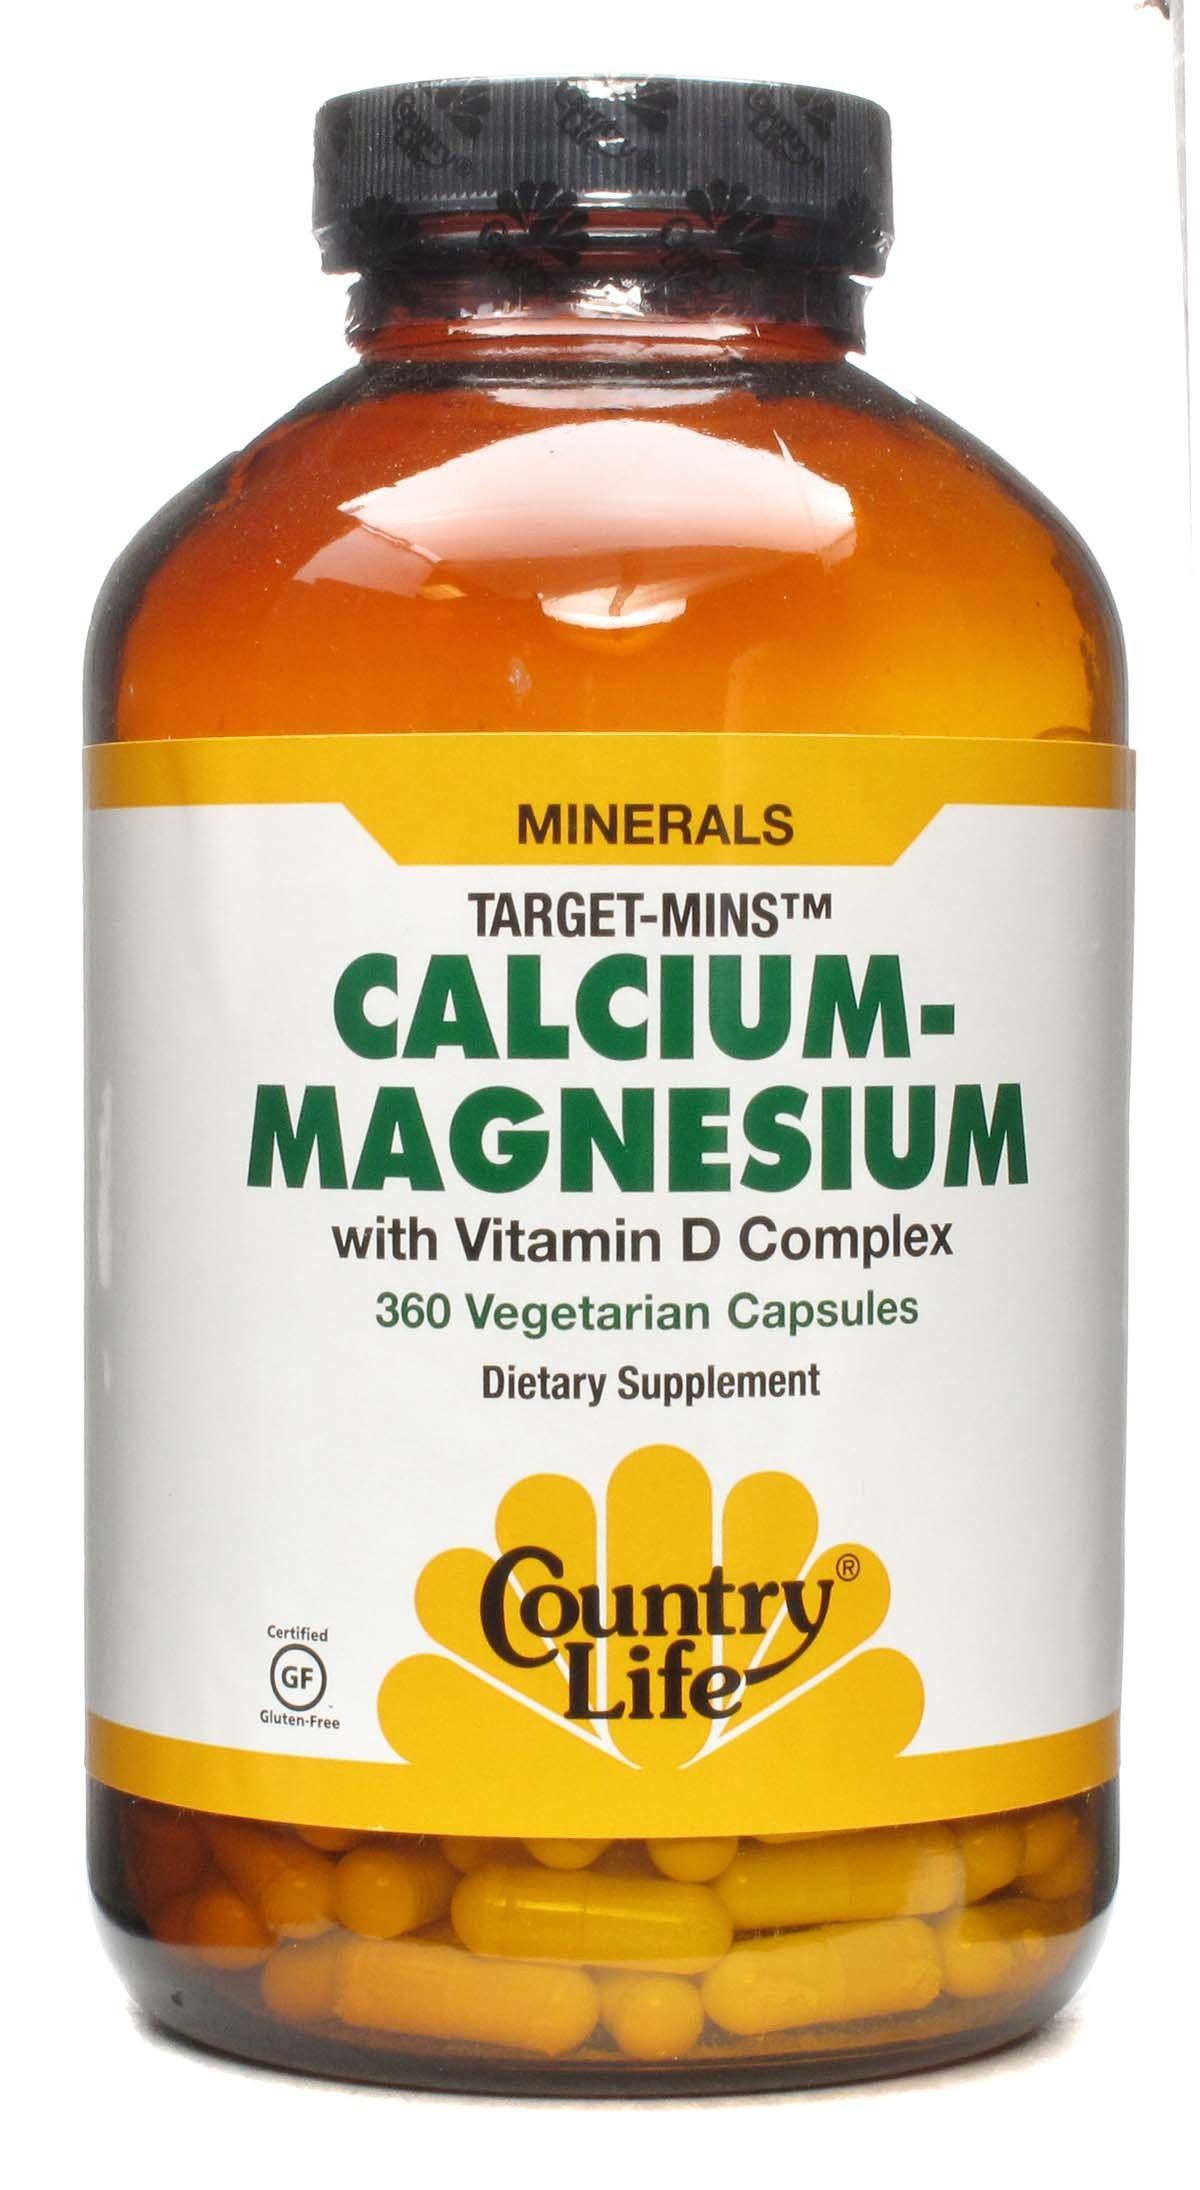 Calcium Magnesium With Vitamin D Natural Supplements Online Vitamin Store Herbal Supplements Super Supplements Calcium Magnesium Vitamin D Herbalism